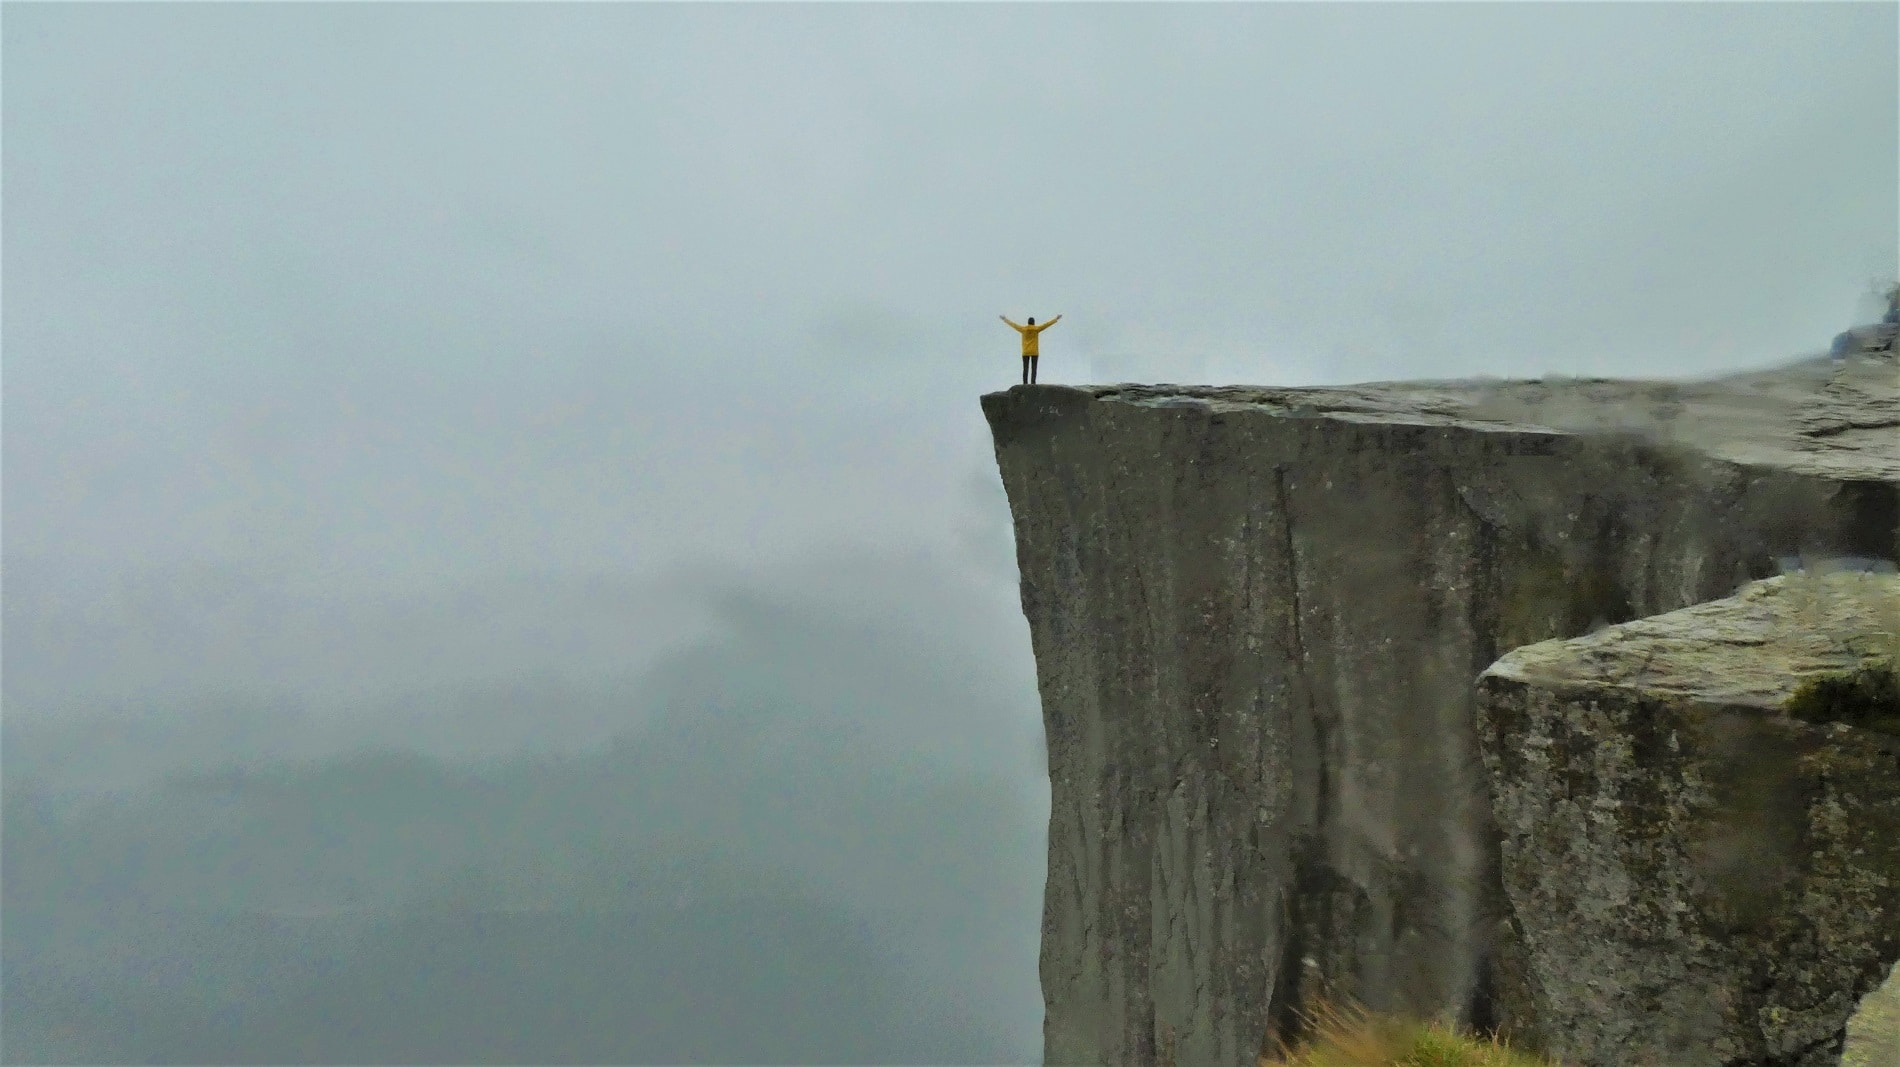 Preikestolen ist eine natürliche Felsplattform in Ryfylke in der norwegischen Provinz Rogaland